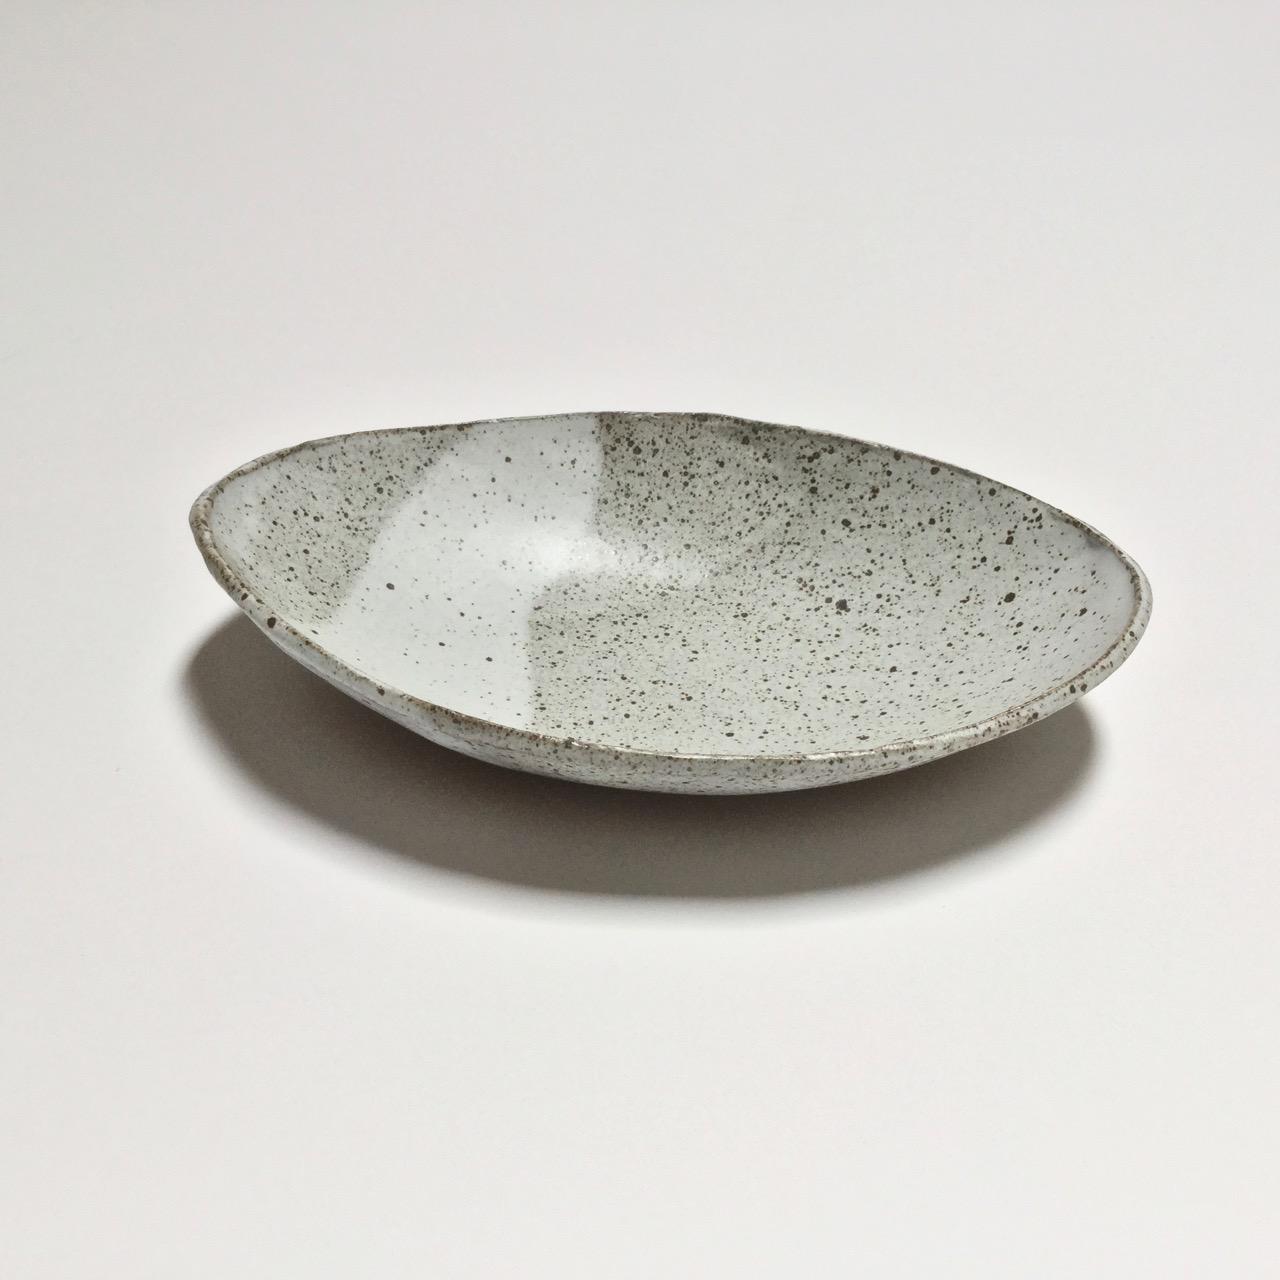 1069 Speckled oval side.jpg